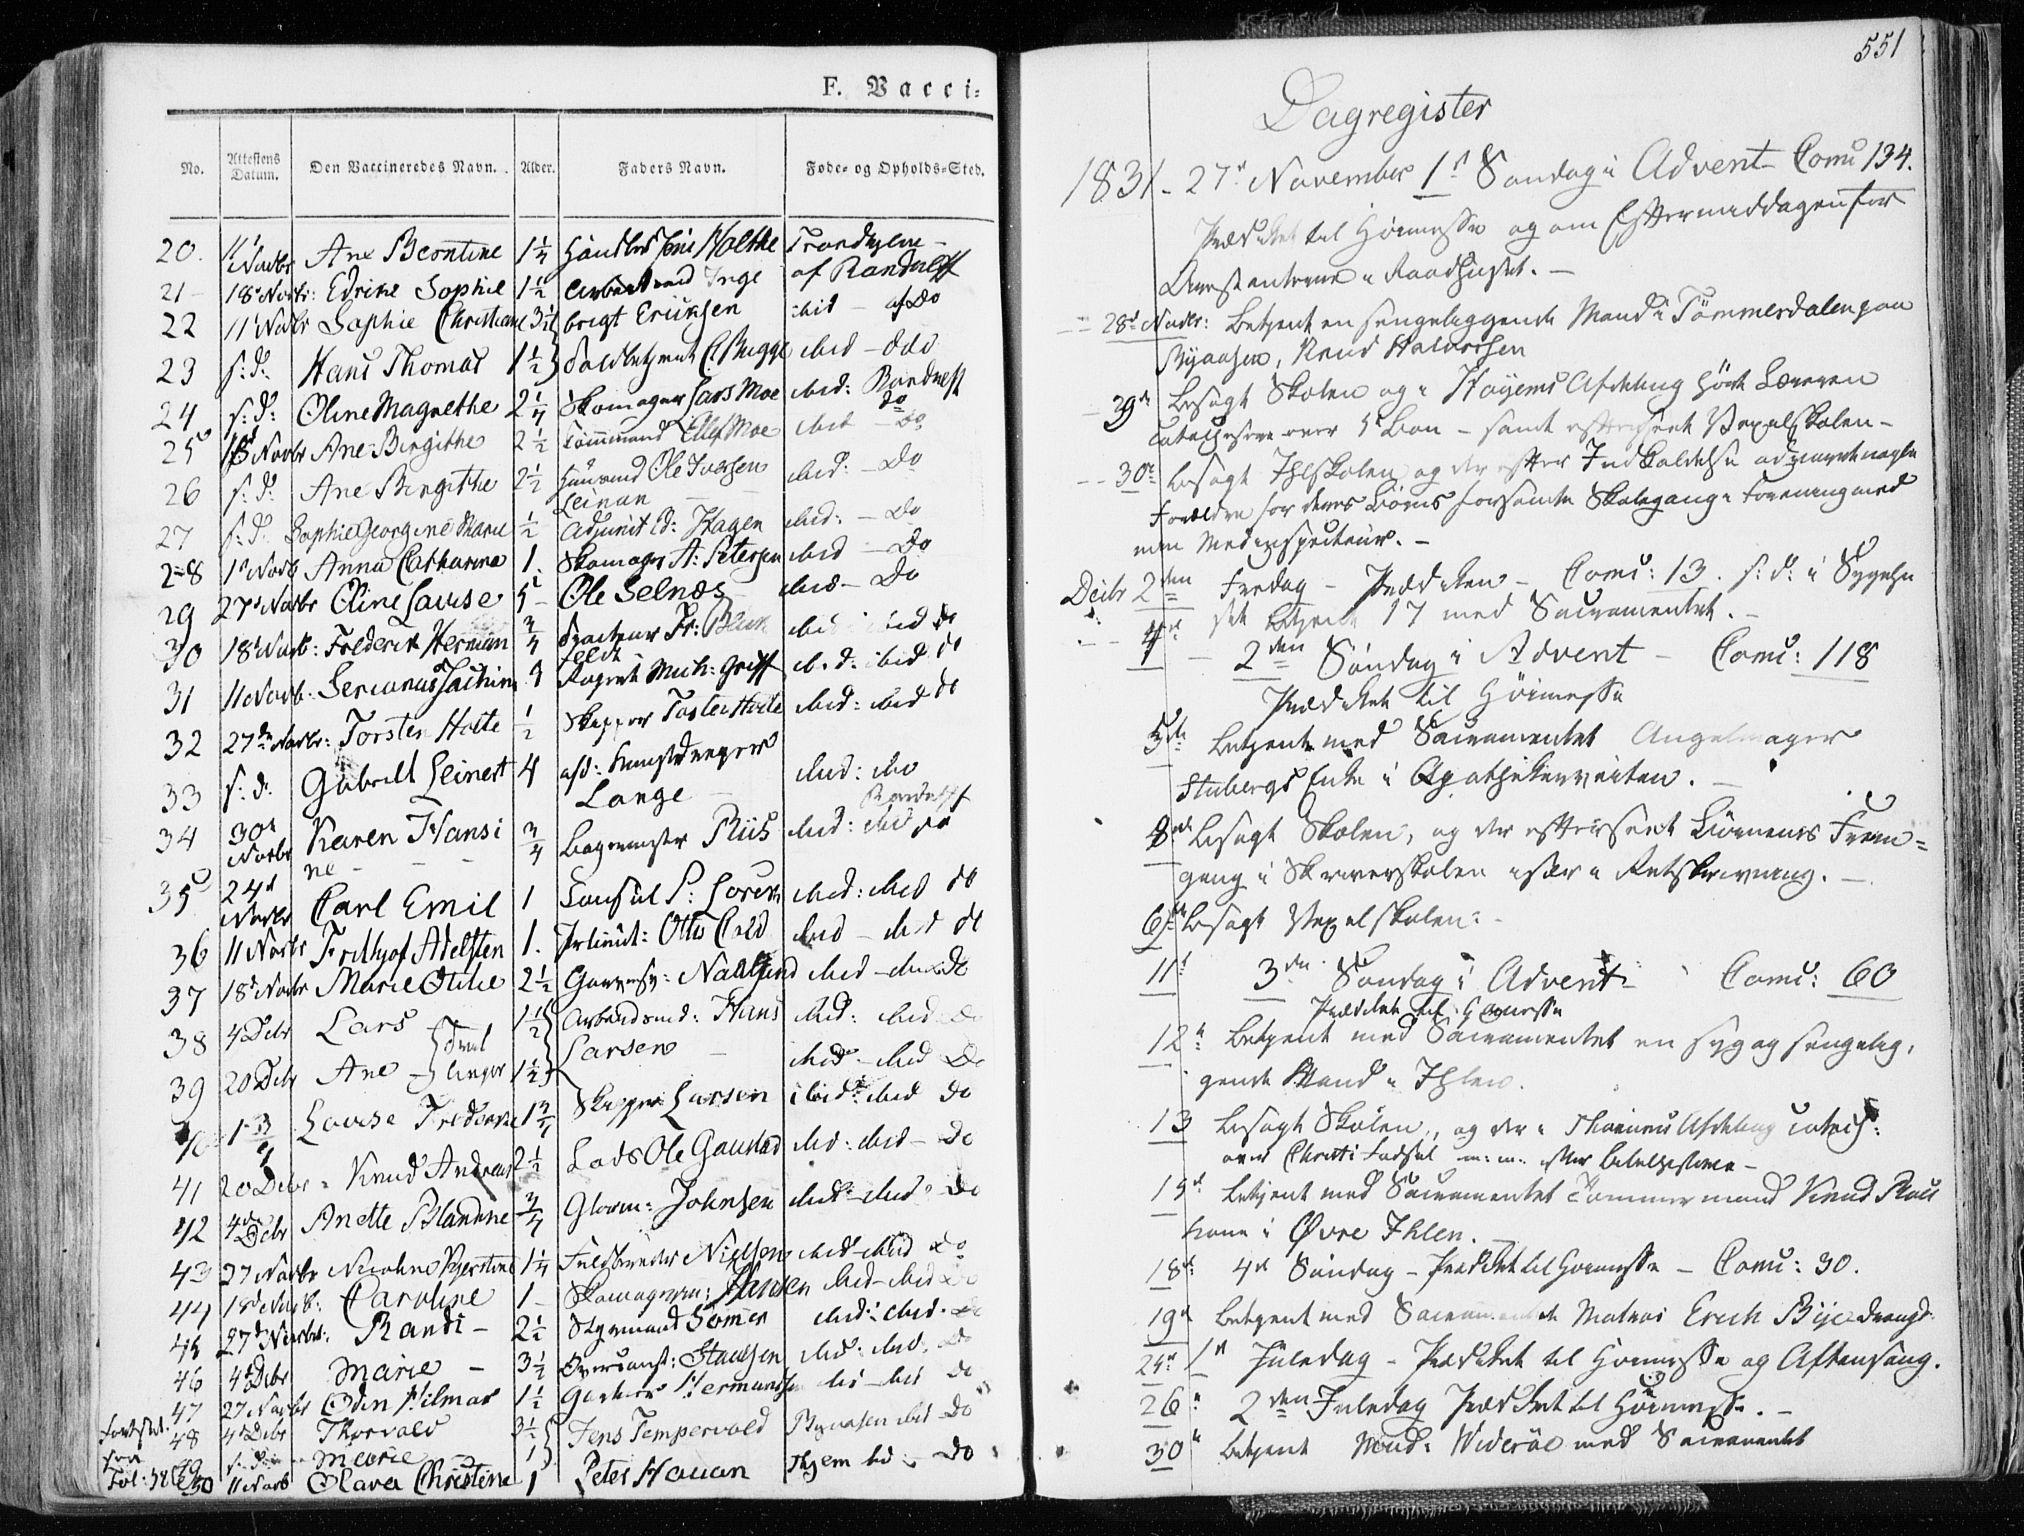 SAT, Ministerialprotokoller, klokkerbøker og fødselsregistre - Sør-Trøndelag, 601/L0047: Ministerialbok nr. 601A15, 1831-1839, s. 551